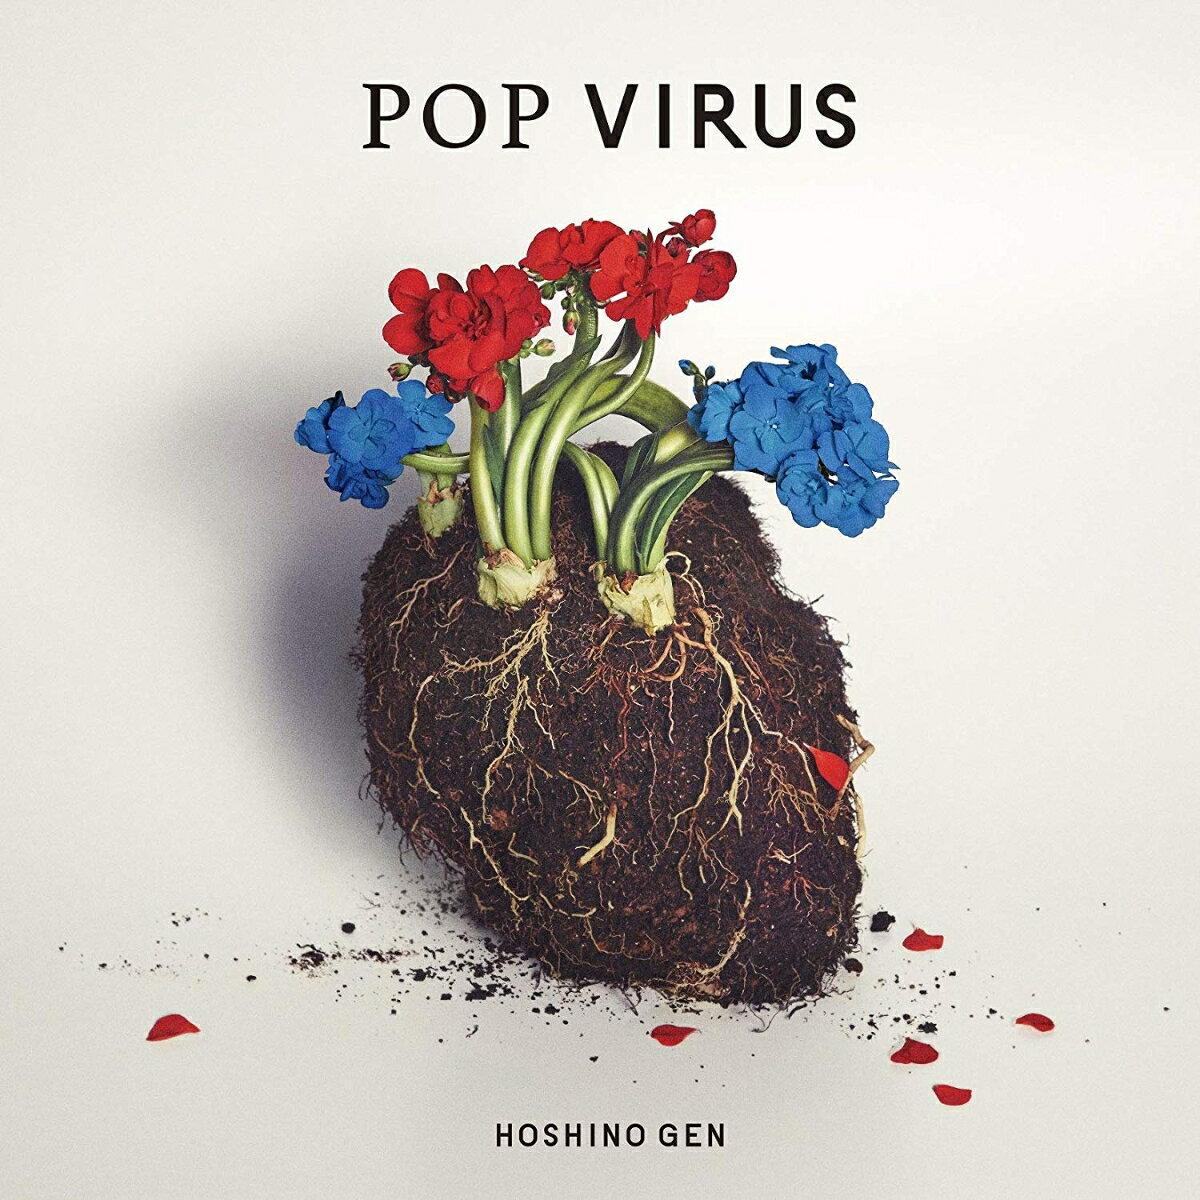 POP VIRUS (通常盤 初回限定仕様) [ 星野源 ]